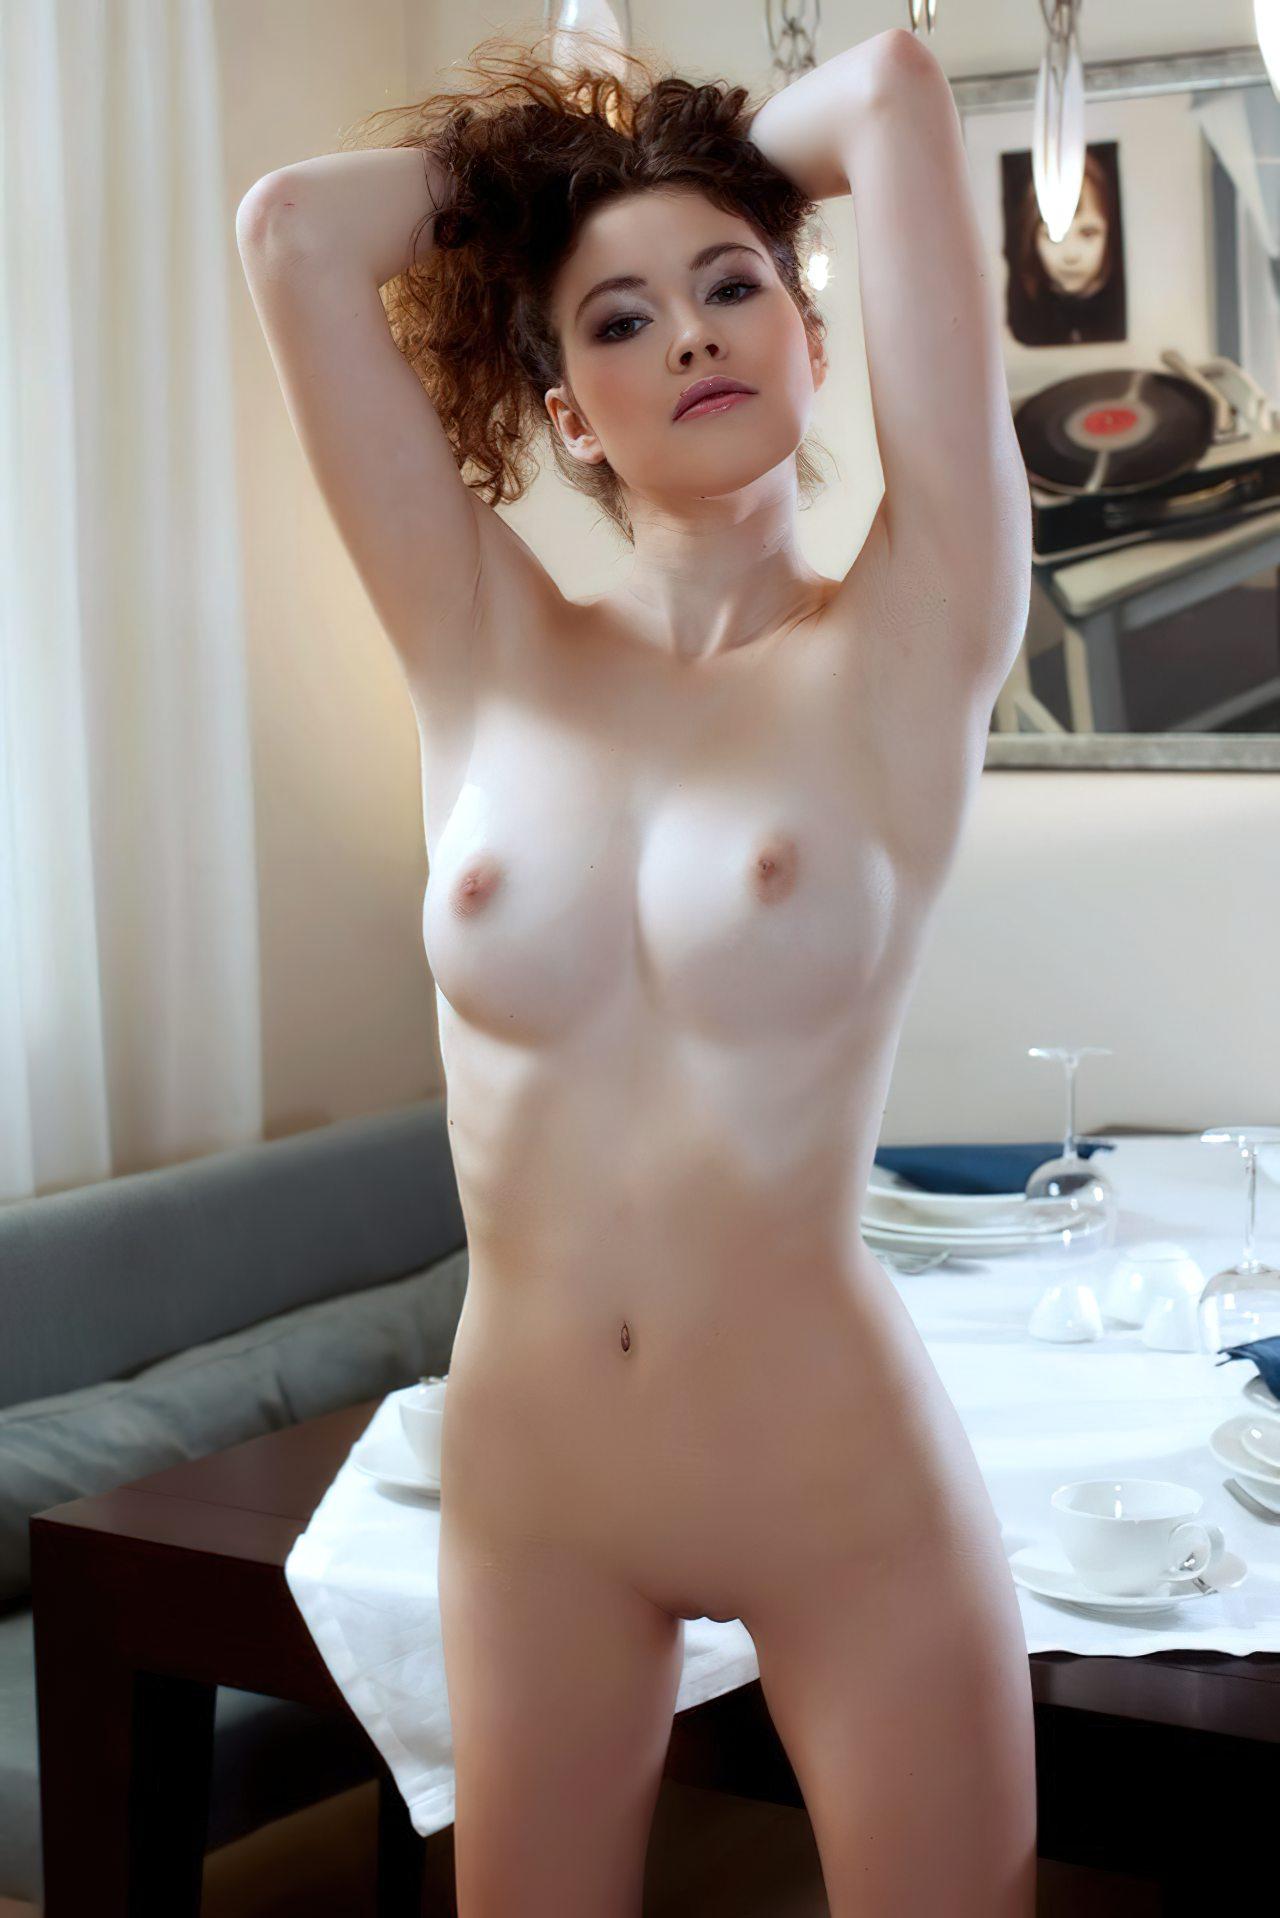 Fotos de Putas (45)